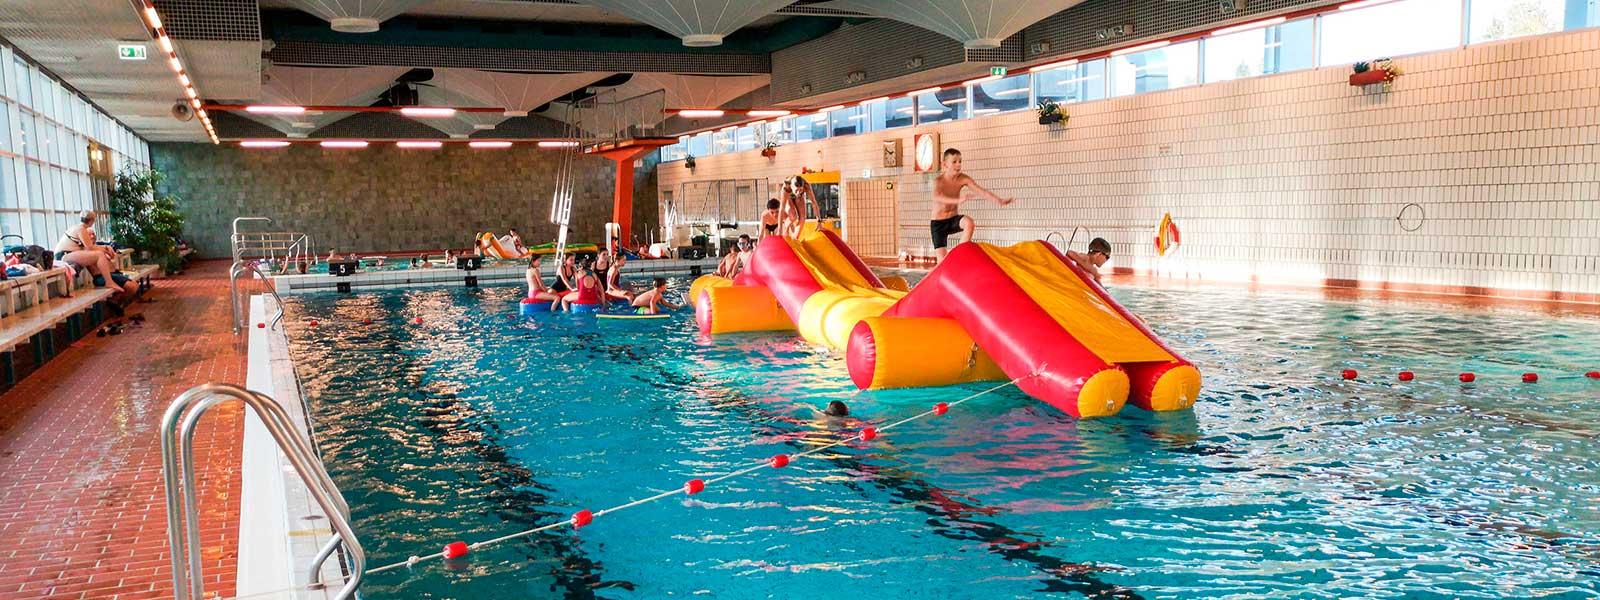 Kinder spielen im Wasser im Hallenbad Crailsheim